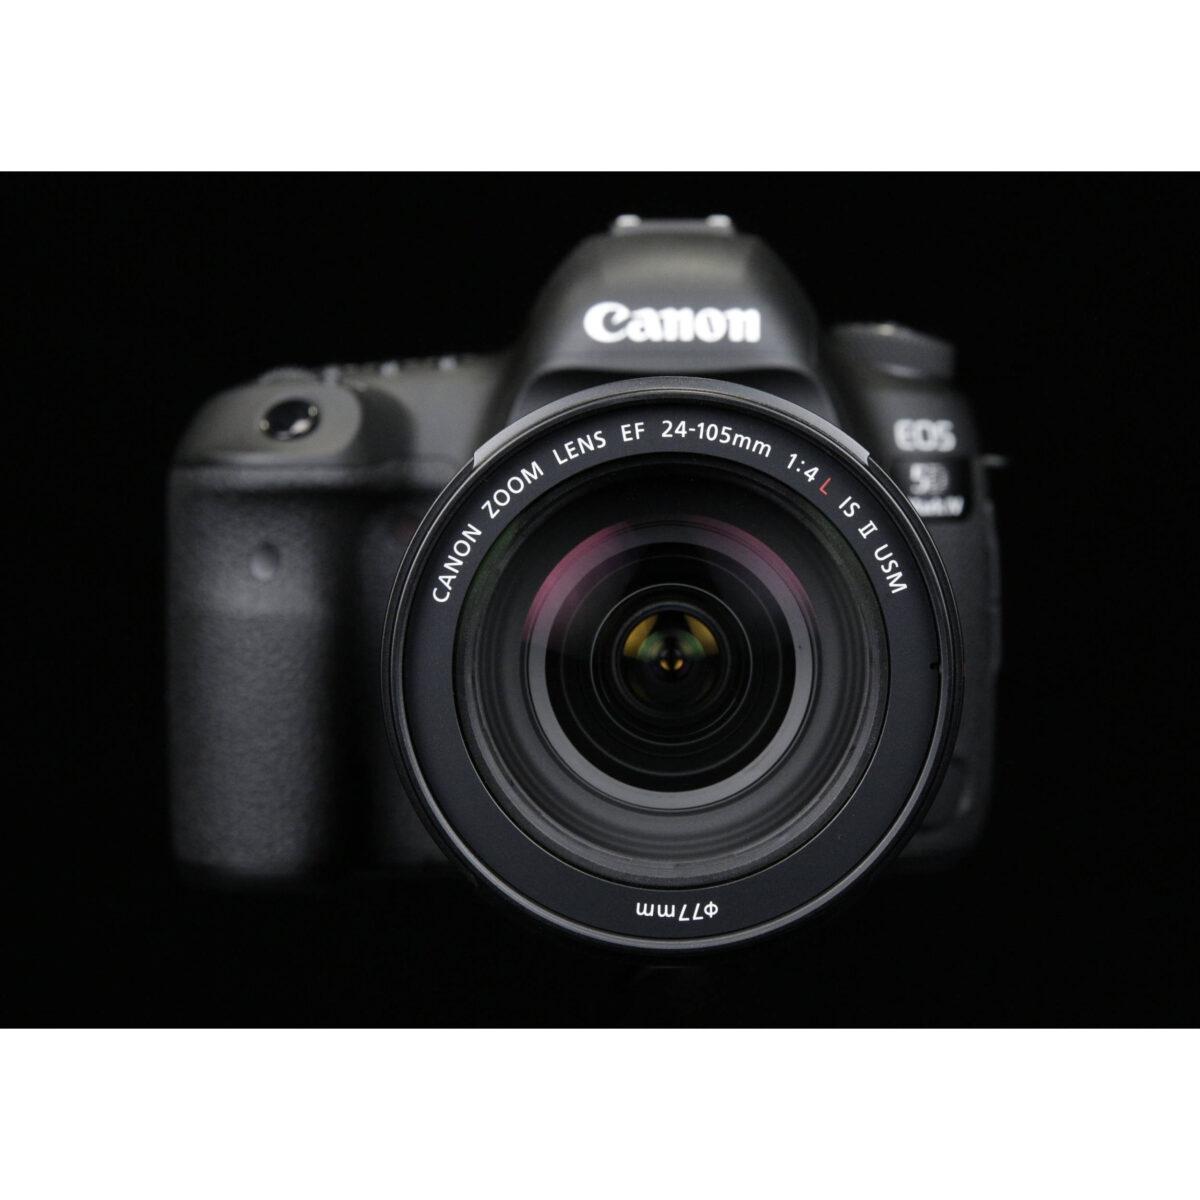 ارزان ترین دوربین دیجیتال کانن eos 5d mark IV - فروشگاه یزد کمرا